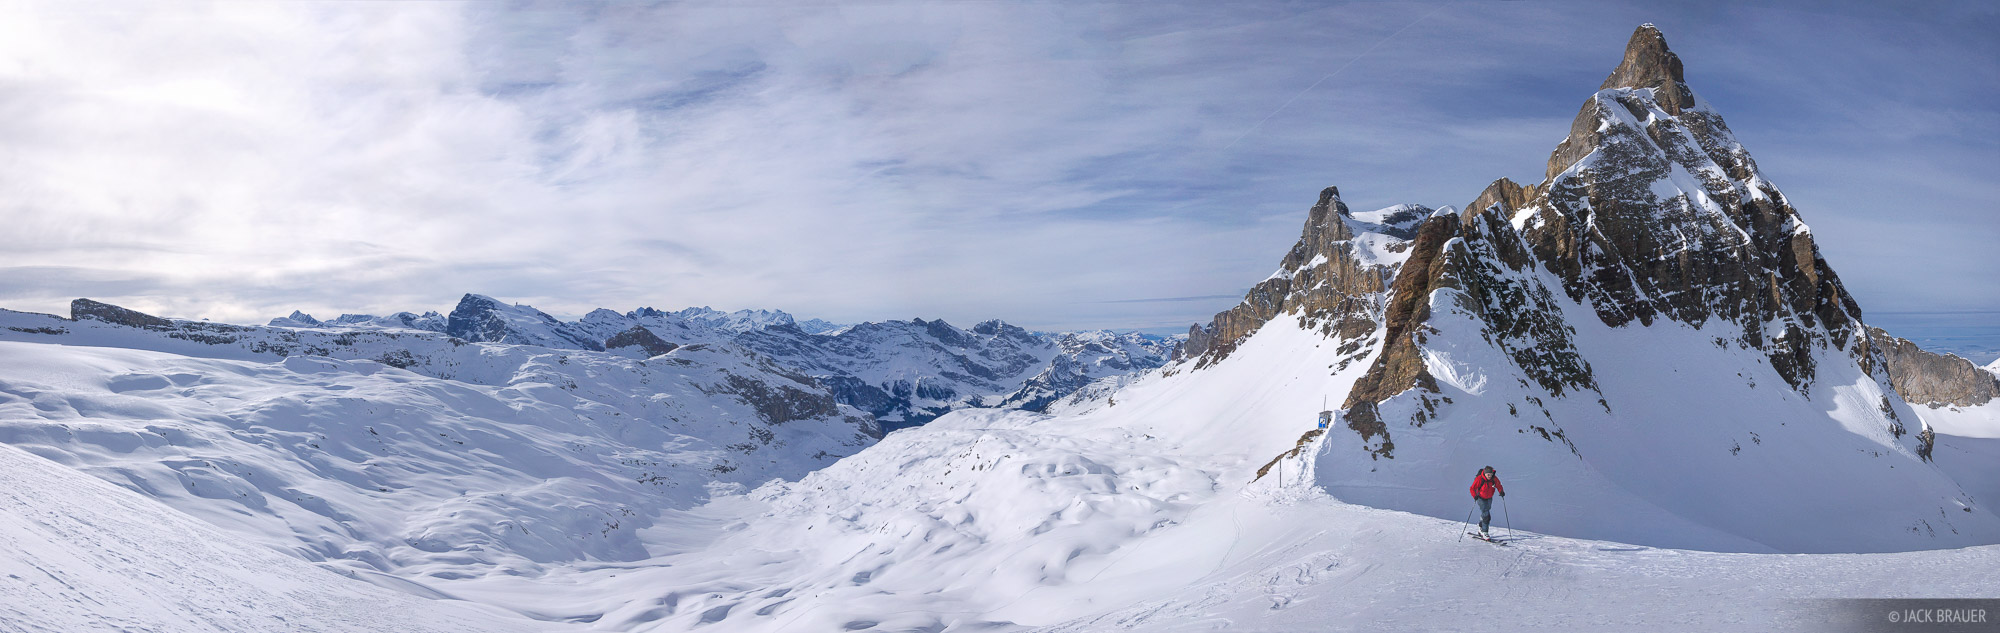 Hasenstock, Griessental, skiing, Switzerland, Engelberg, panorama, photo